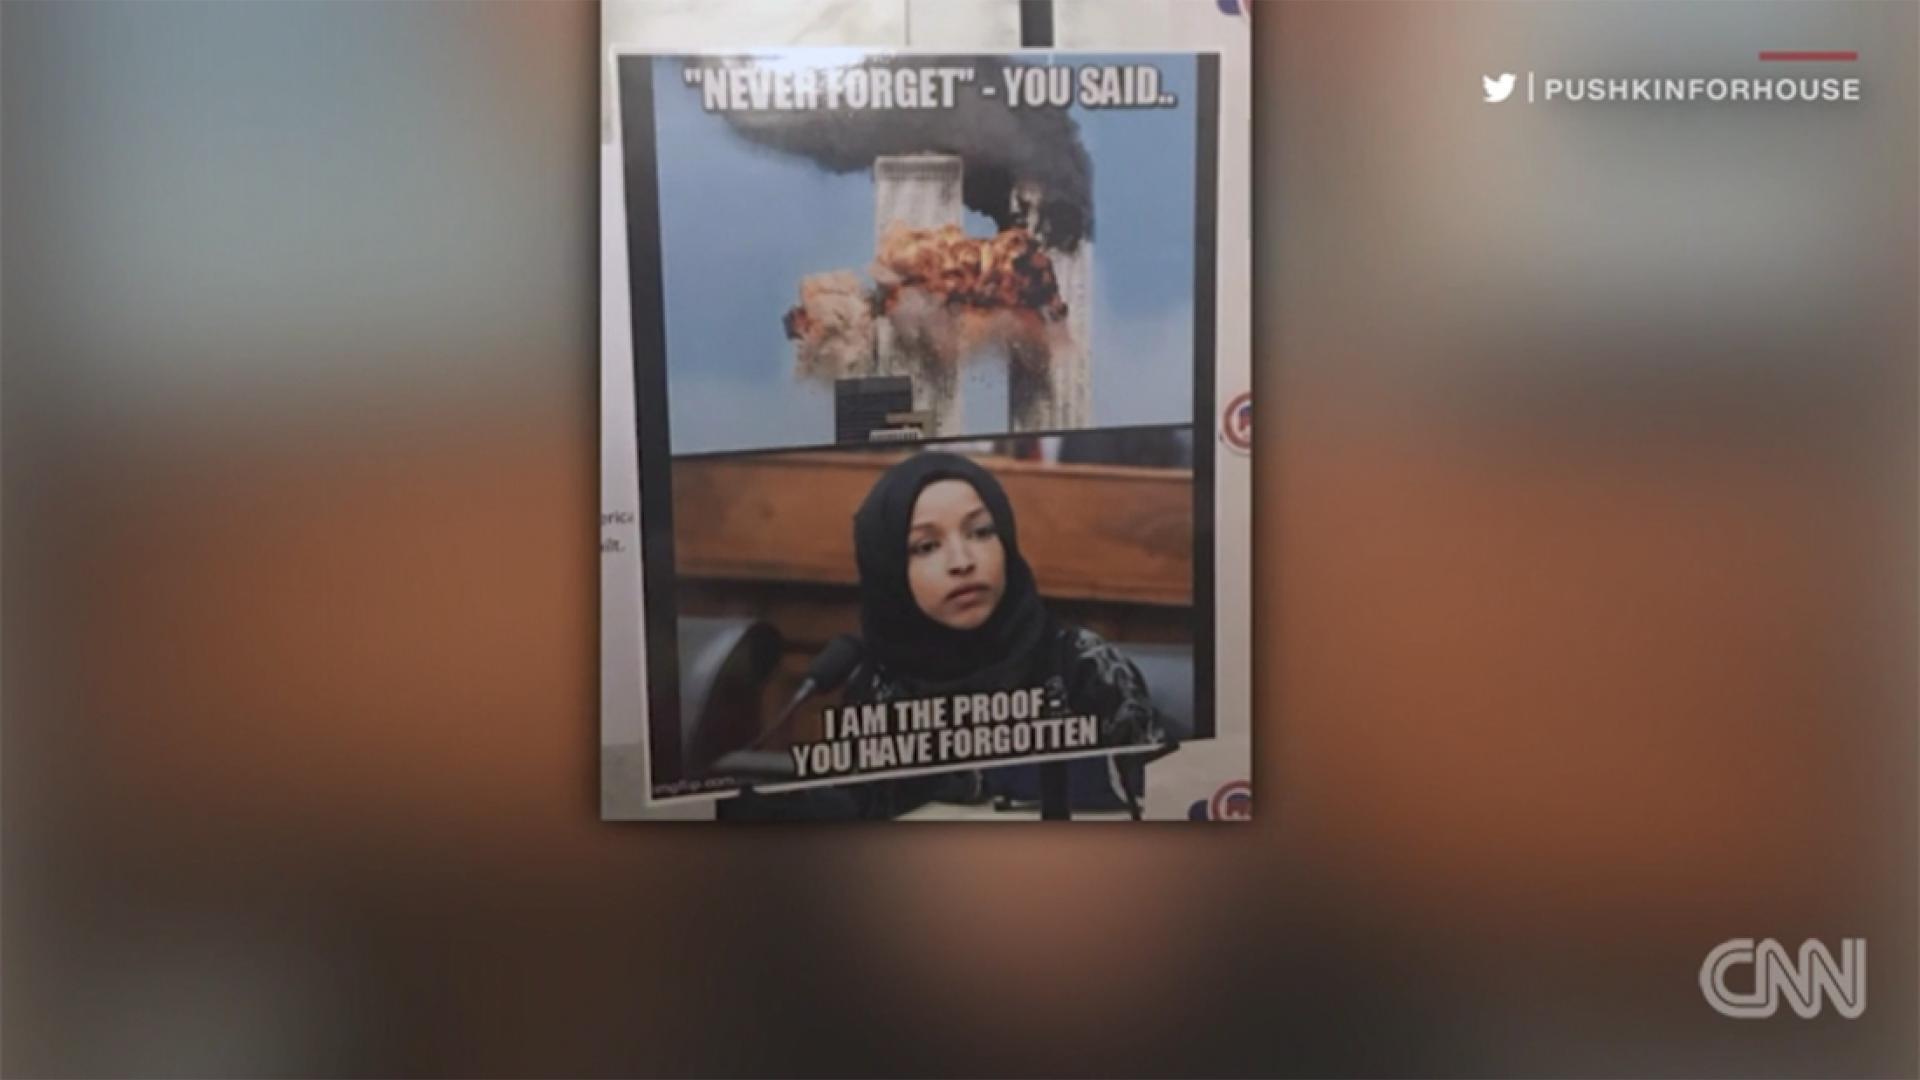 """عاصفة جدلية بعد """"بوستر"""" يربط النائب الأمريكية الهان عمر بهجمات 11/9"""